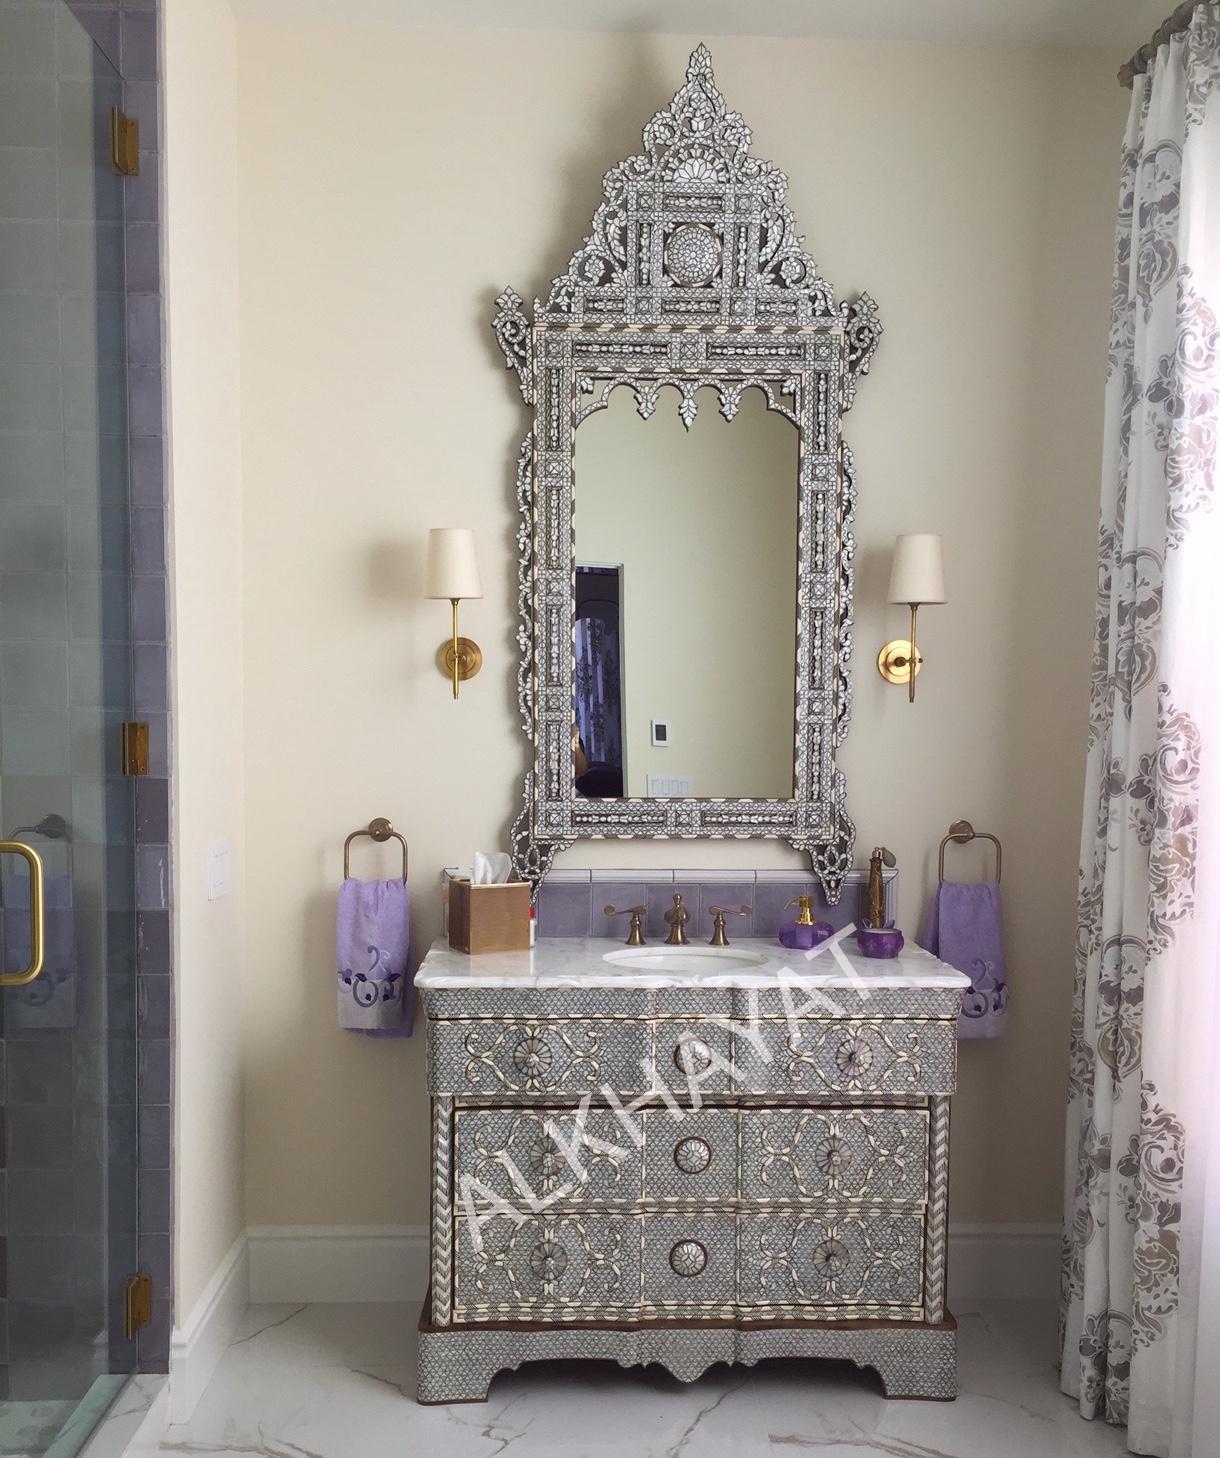 Single sink vanity & mirror